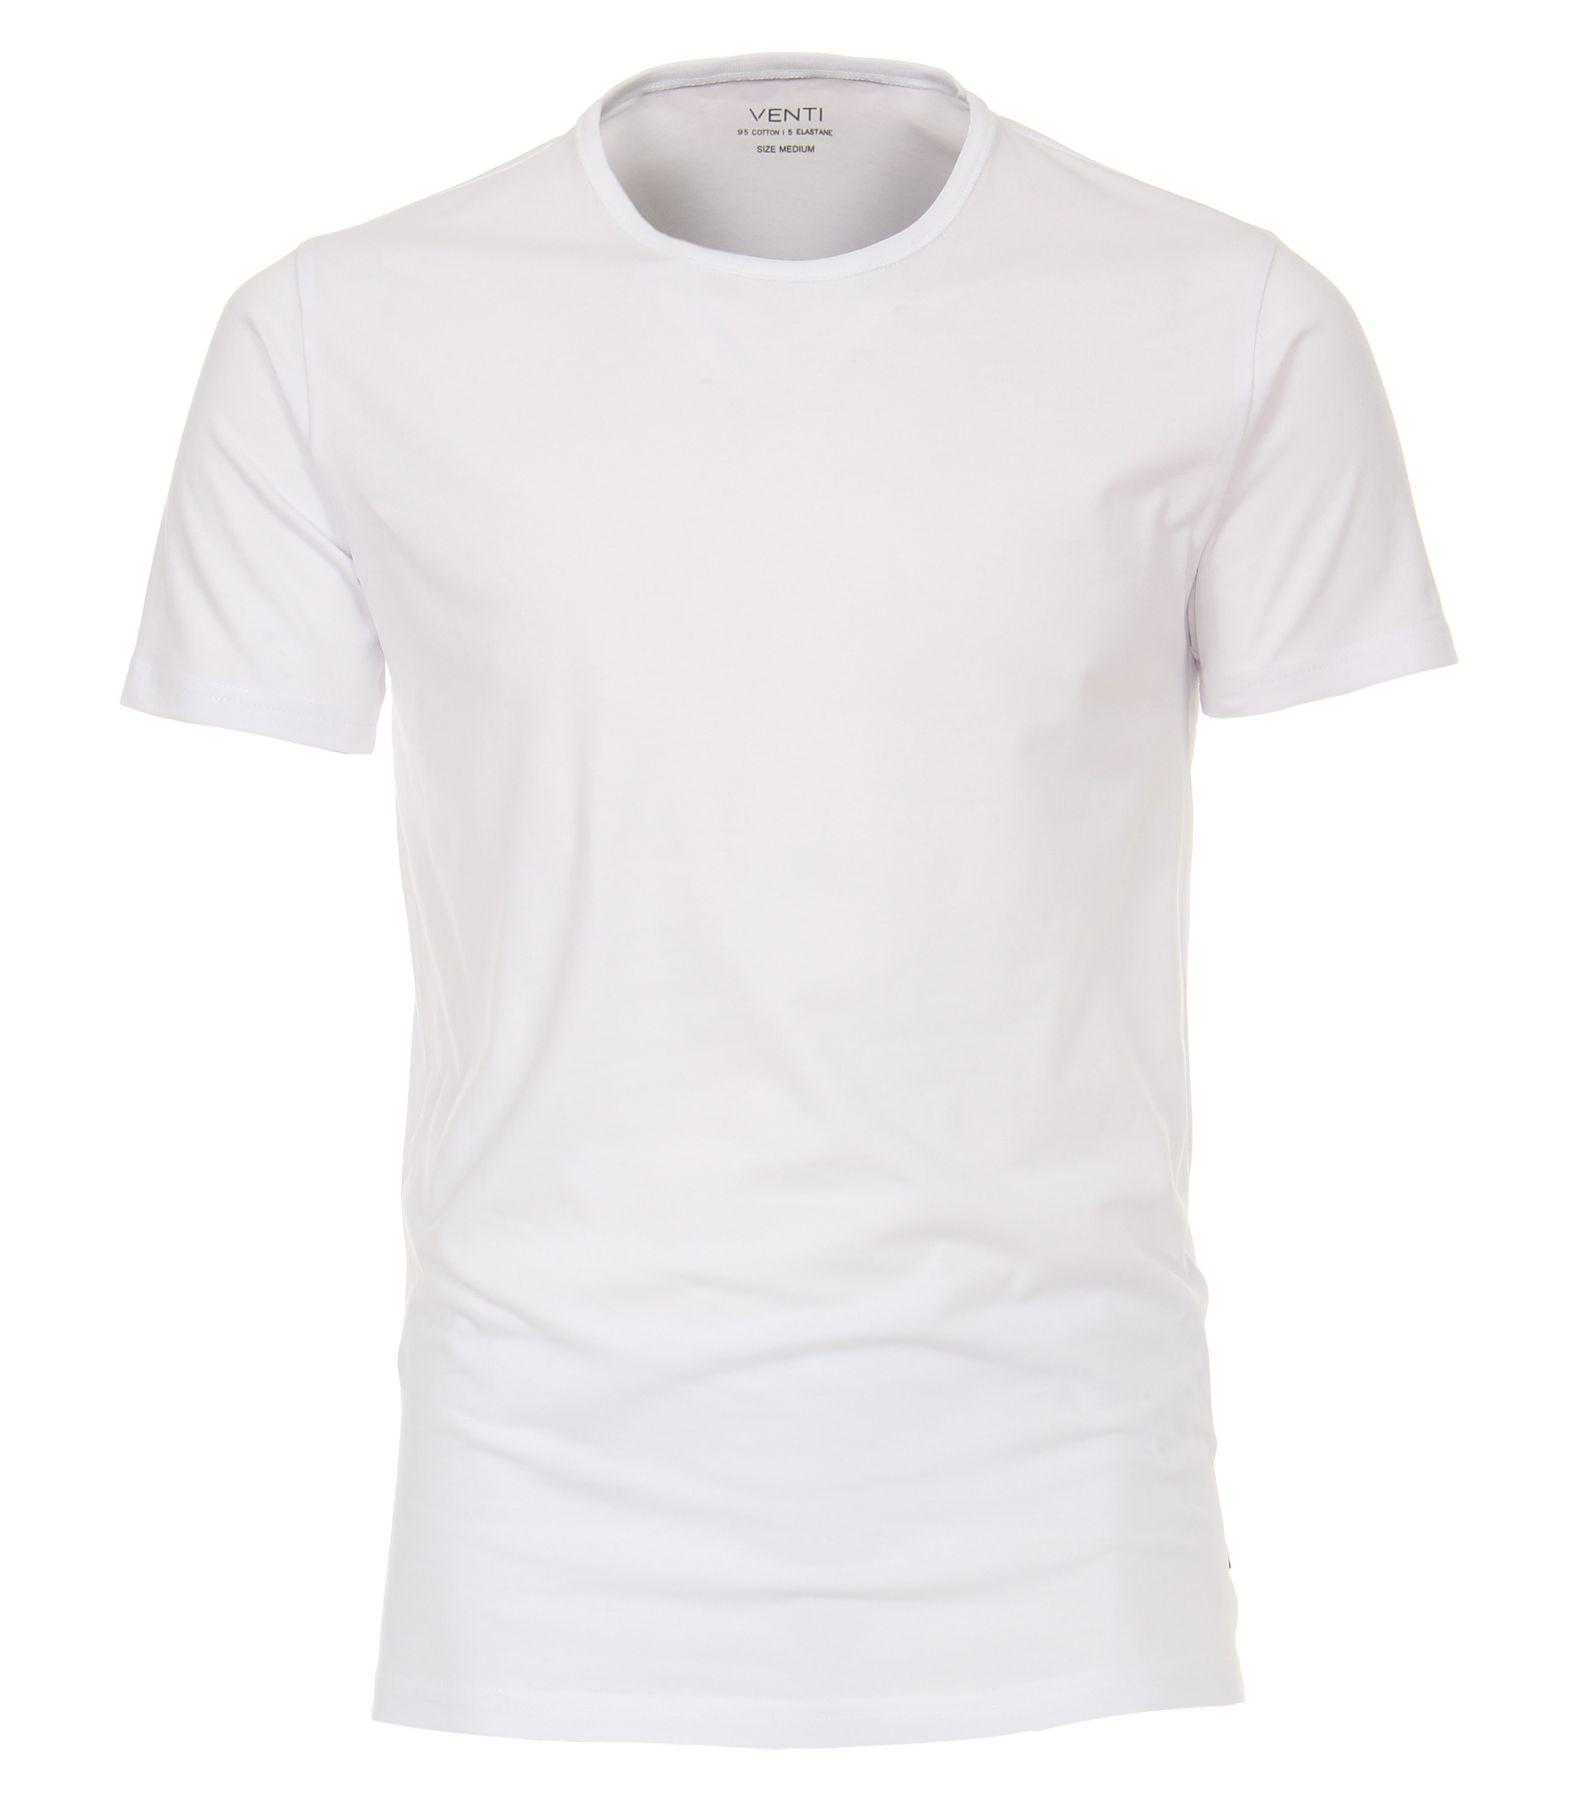 Venti - Herren T-Shirt mit Rundhals im 2er Pack, schwarz oder weiß, S-XXL (012500) – Bild 1